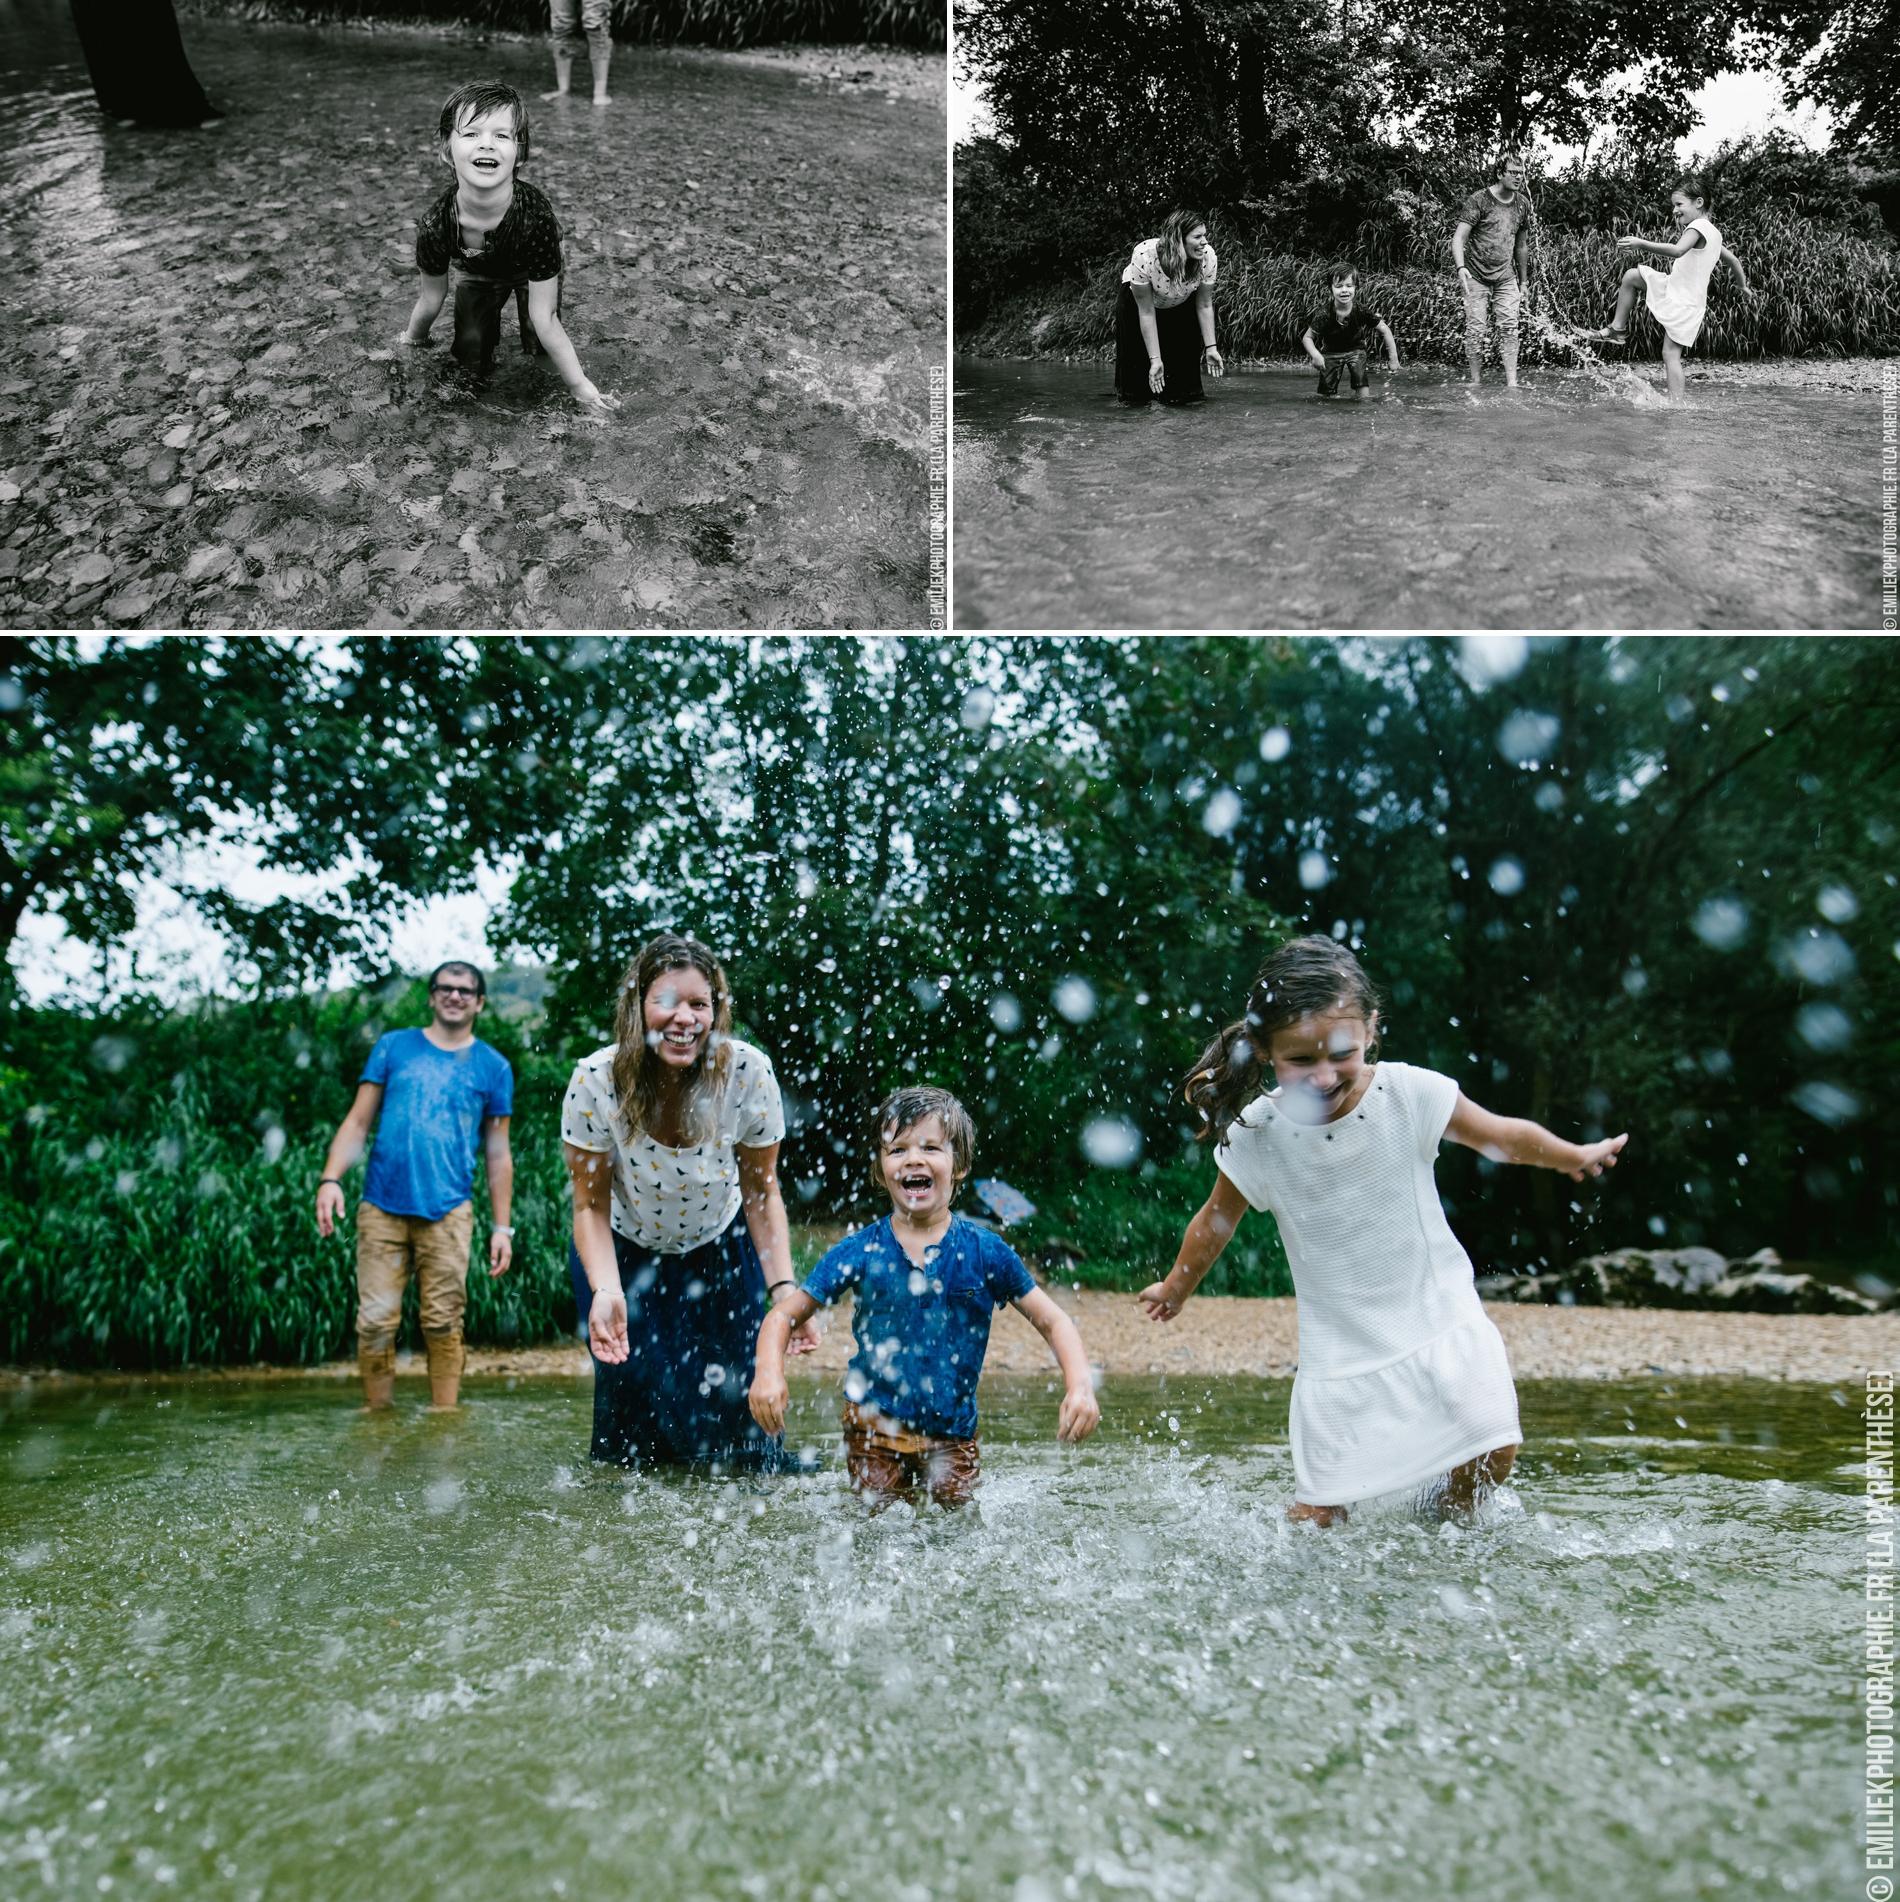 photographe-famille-emiliekphotographie-7